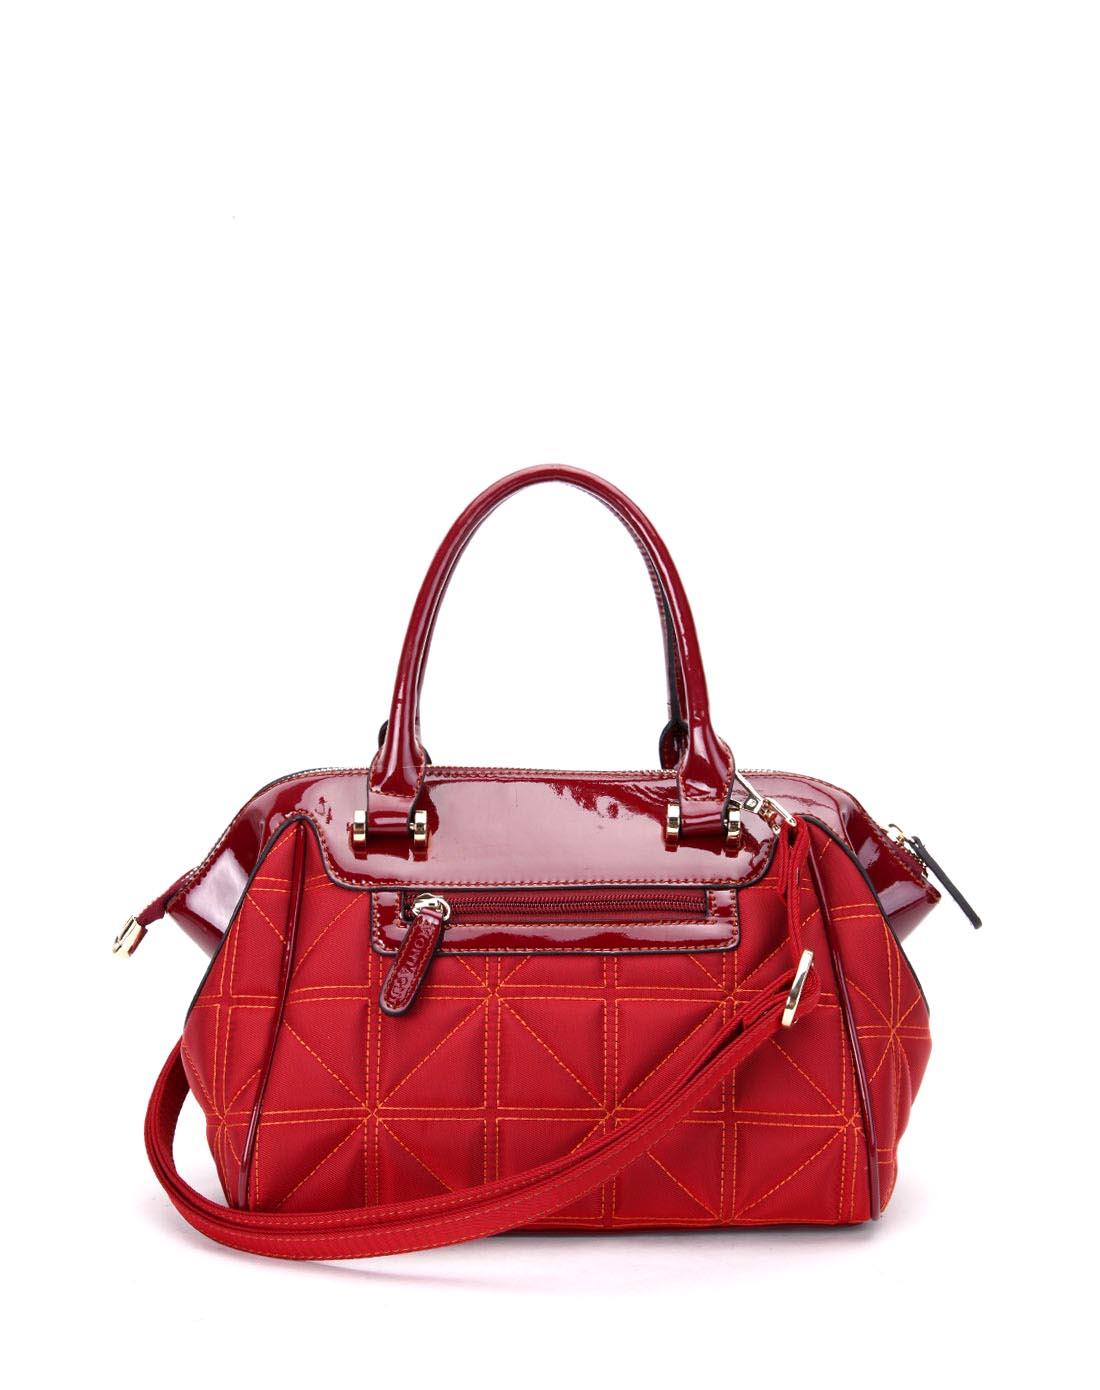 梦特娇montagut女款酒红色横款方形手提包mv13850